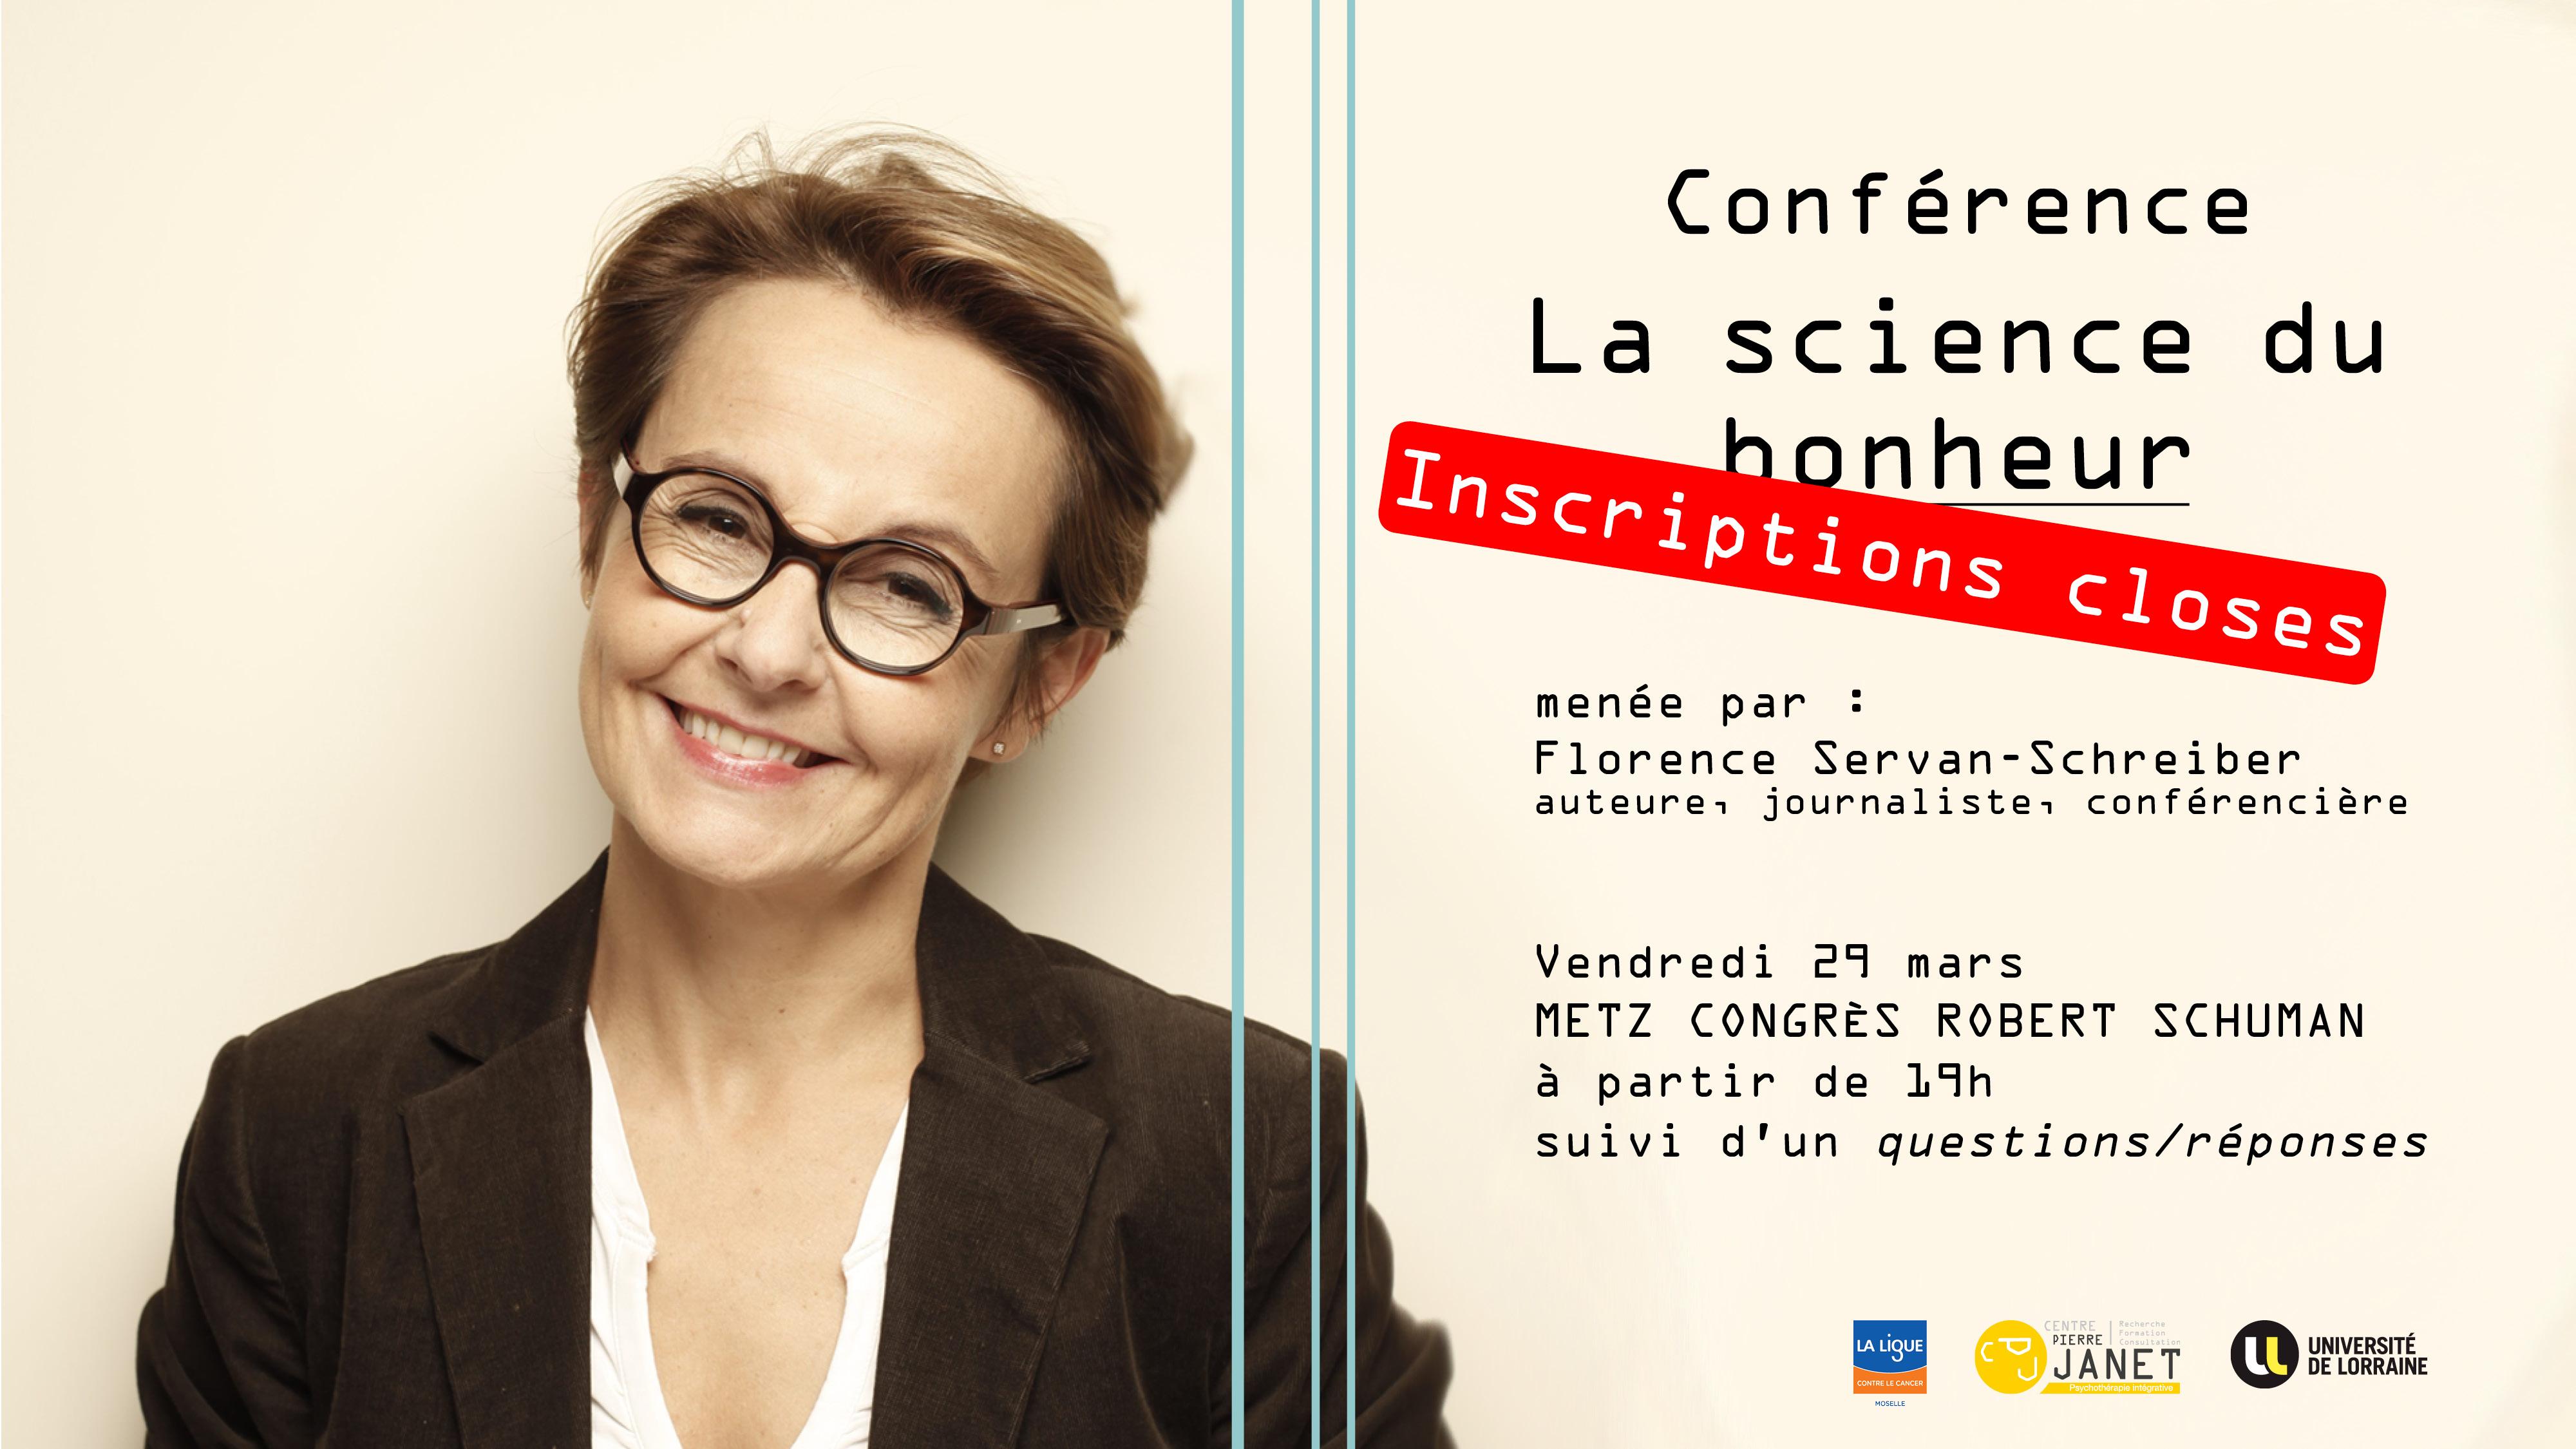 Conférence La science du bonheur